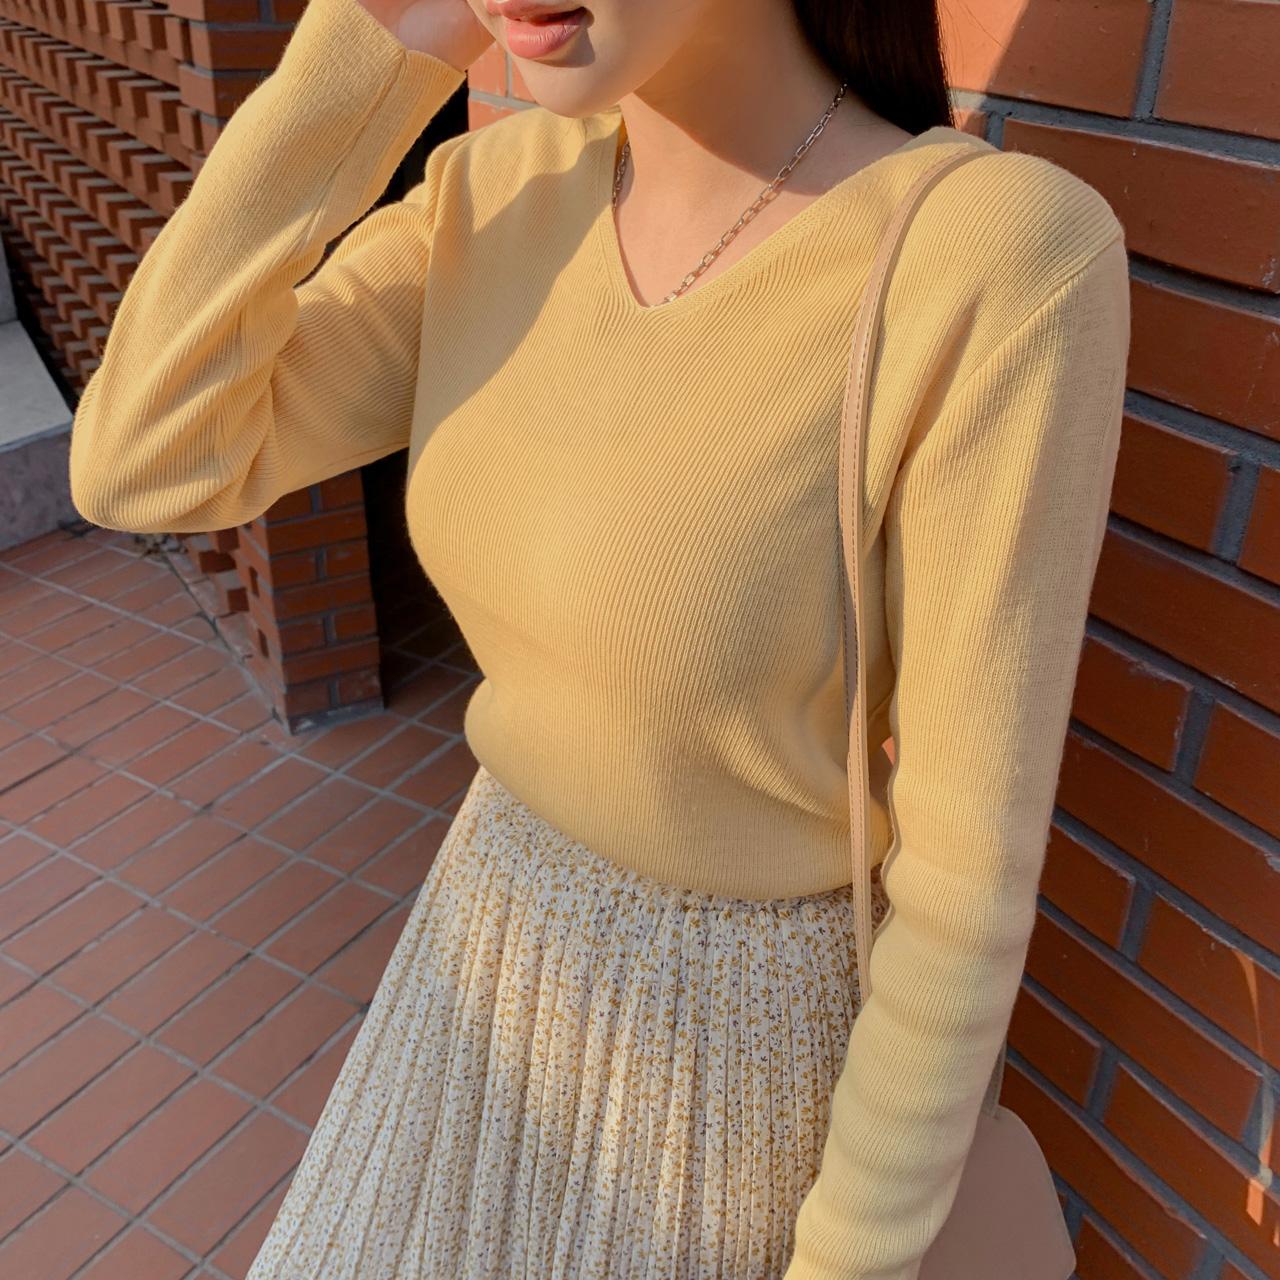 V neck point knit